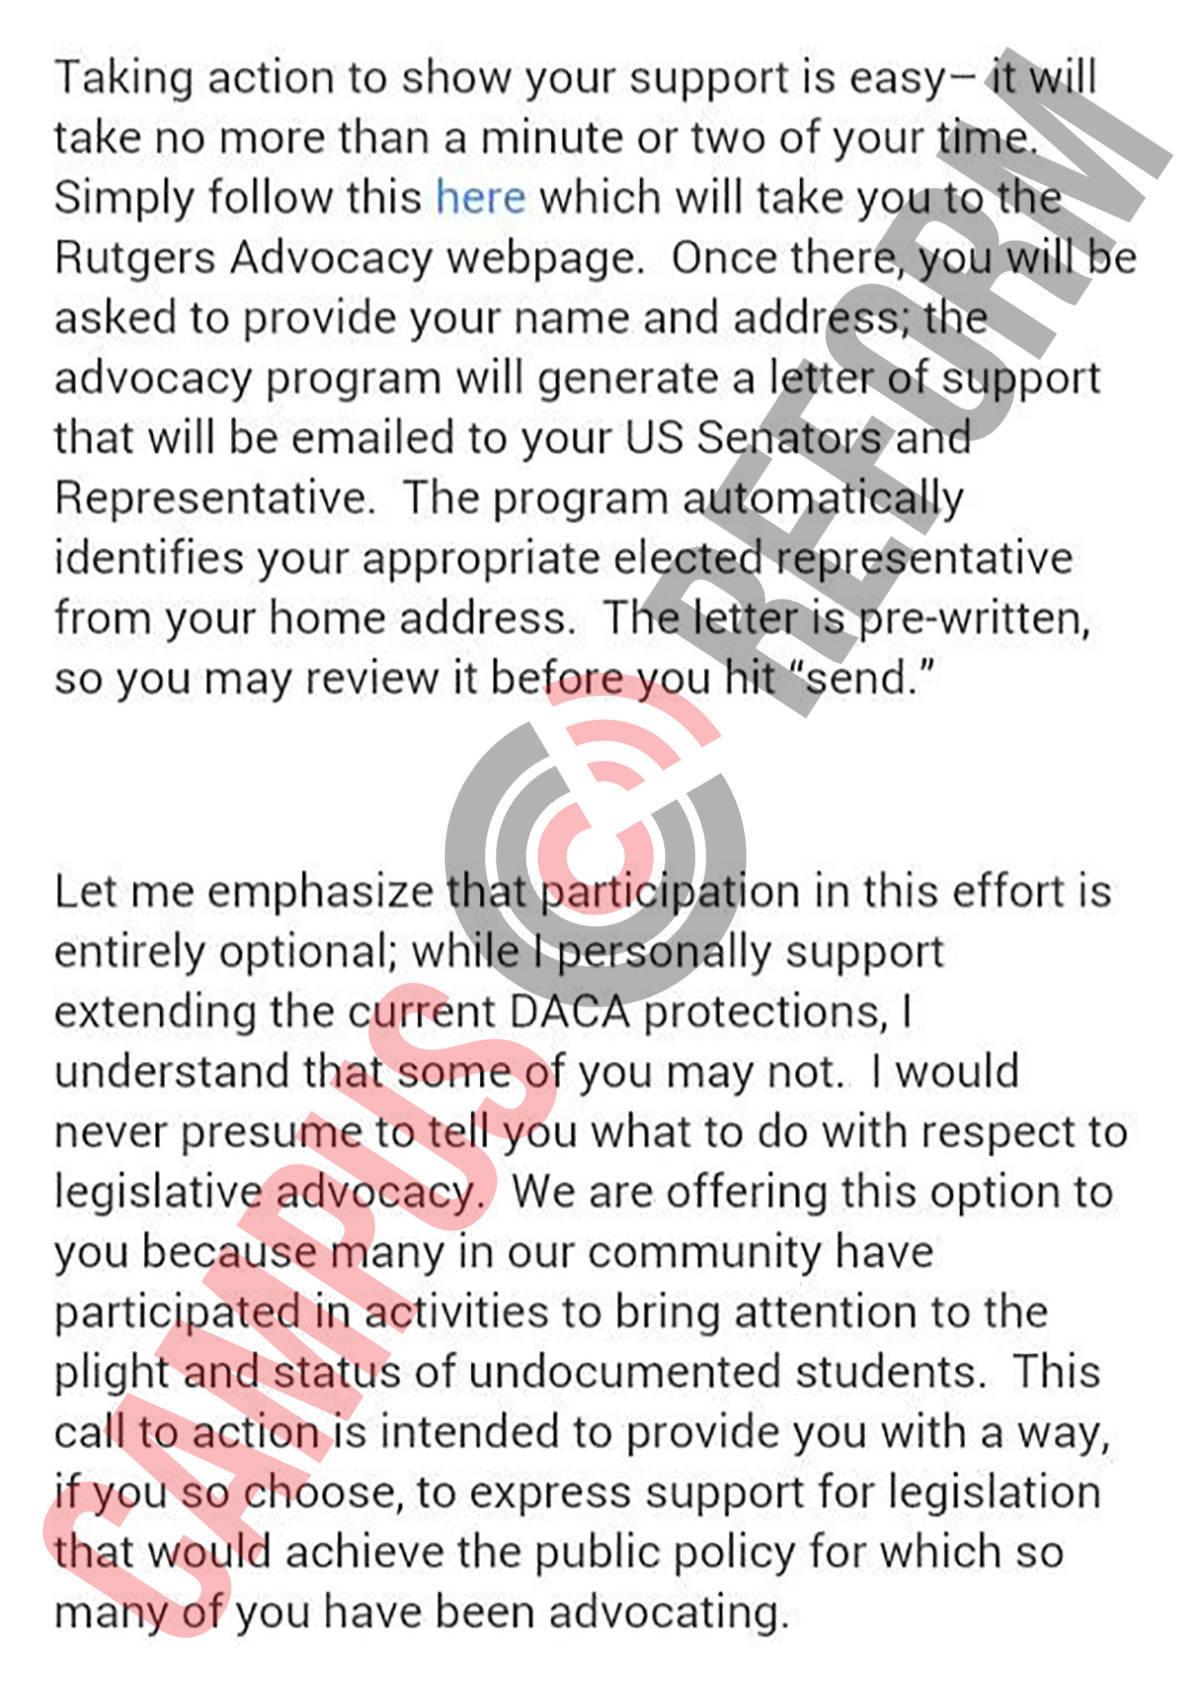 7d3c8977ff7ff39493da_Rutgers_Email_2.jpg